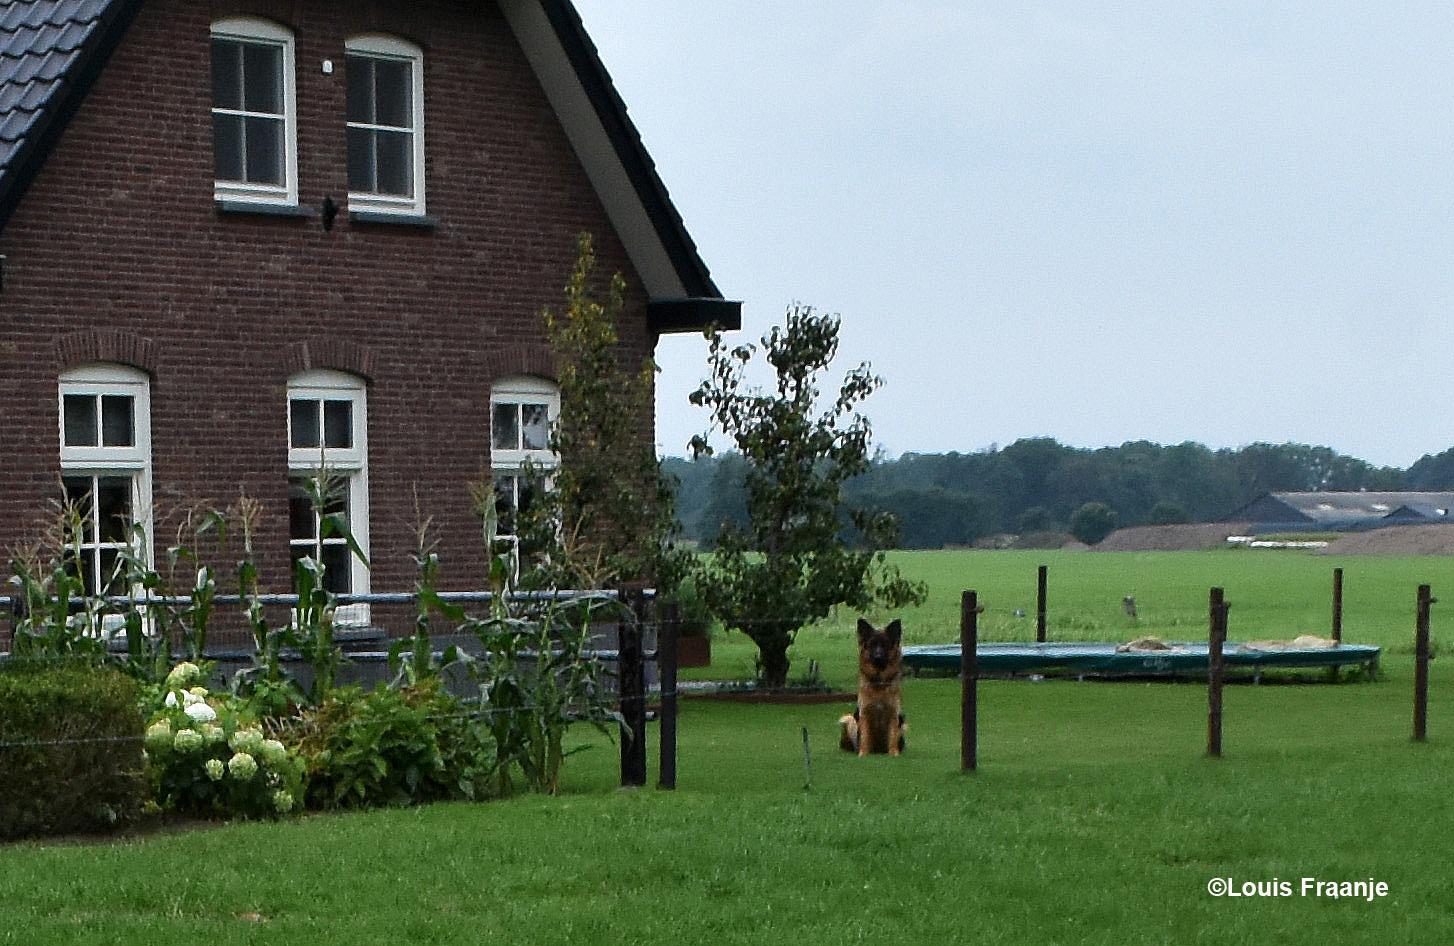 De Duitse herder zit van een afstand het hele gebeuren nauwlettend in de gaten te houden - Foto: ©Louis Fraanje